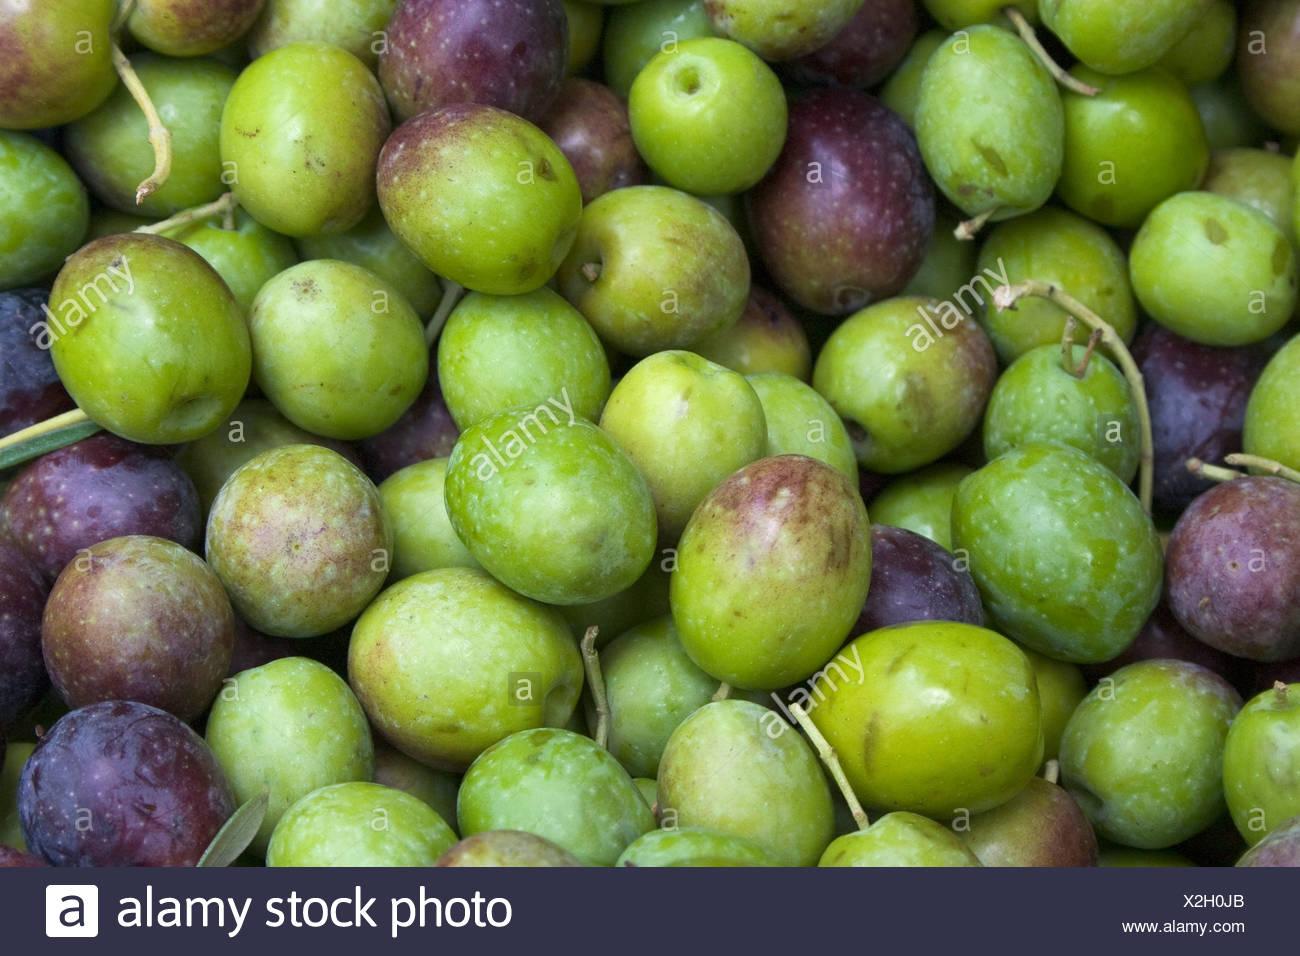 Landwirtschaft - Nahaufnahme von frisch geernteten Oliven / Arbuckle, Kalifornien, USA. Stockbild